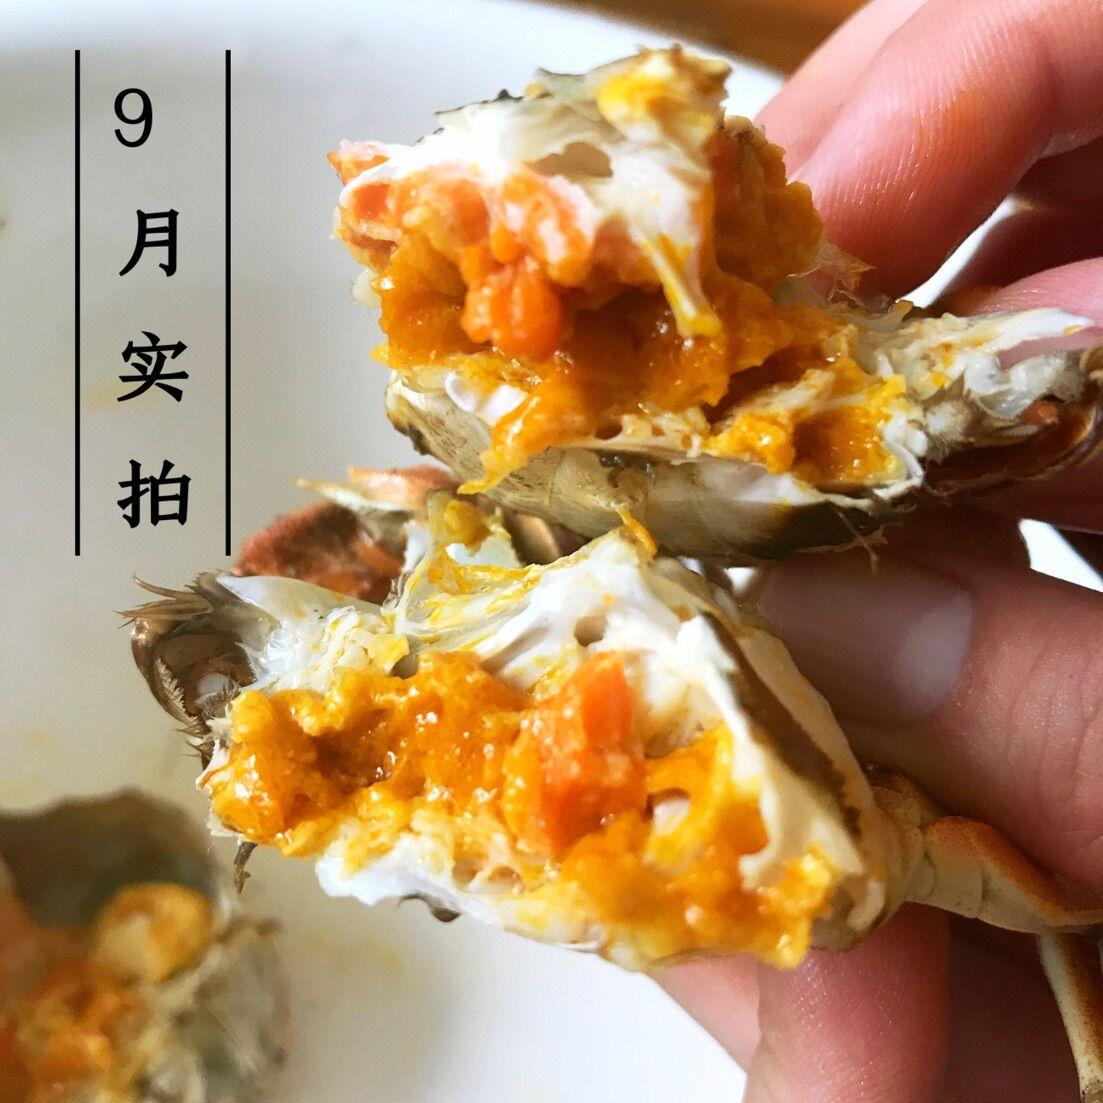 盘锦河蟹大闸蟹鲜活现货1.8-1.5两母蟹15只稻田蟹螃蟹顺丰包邮